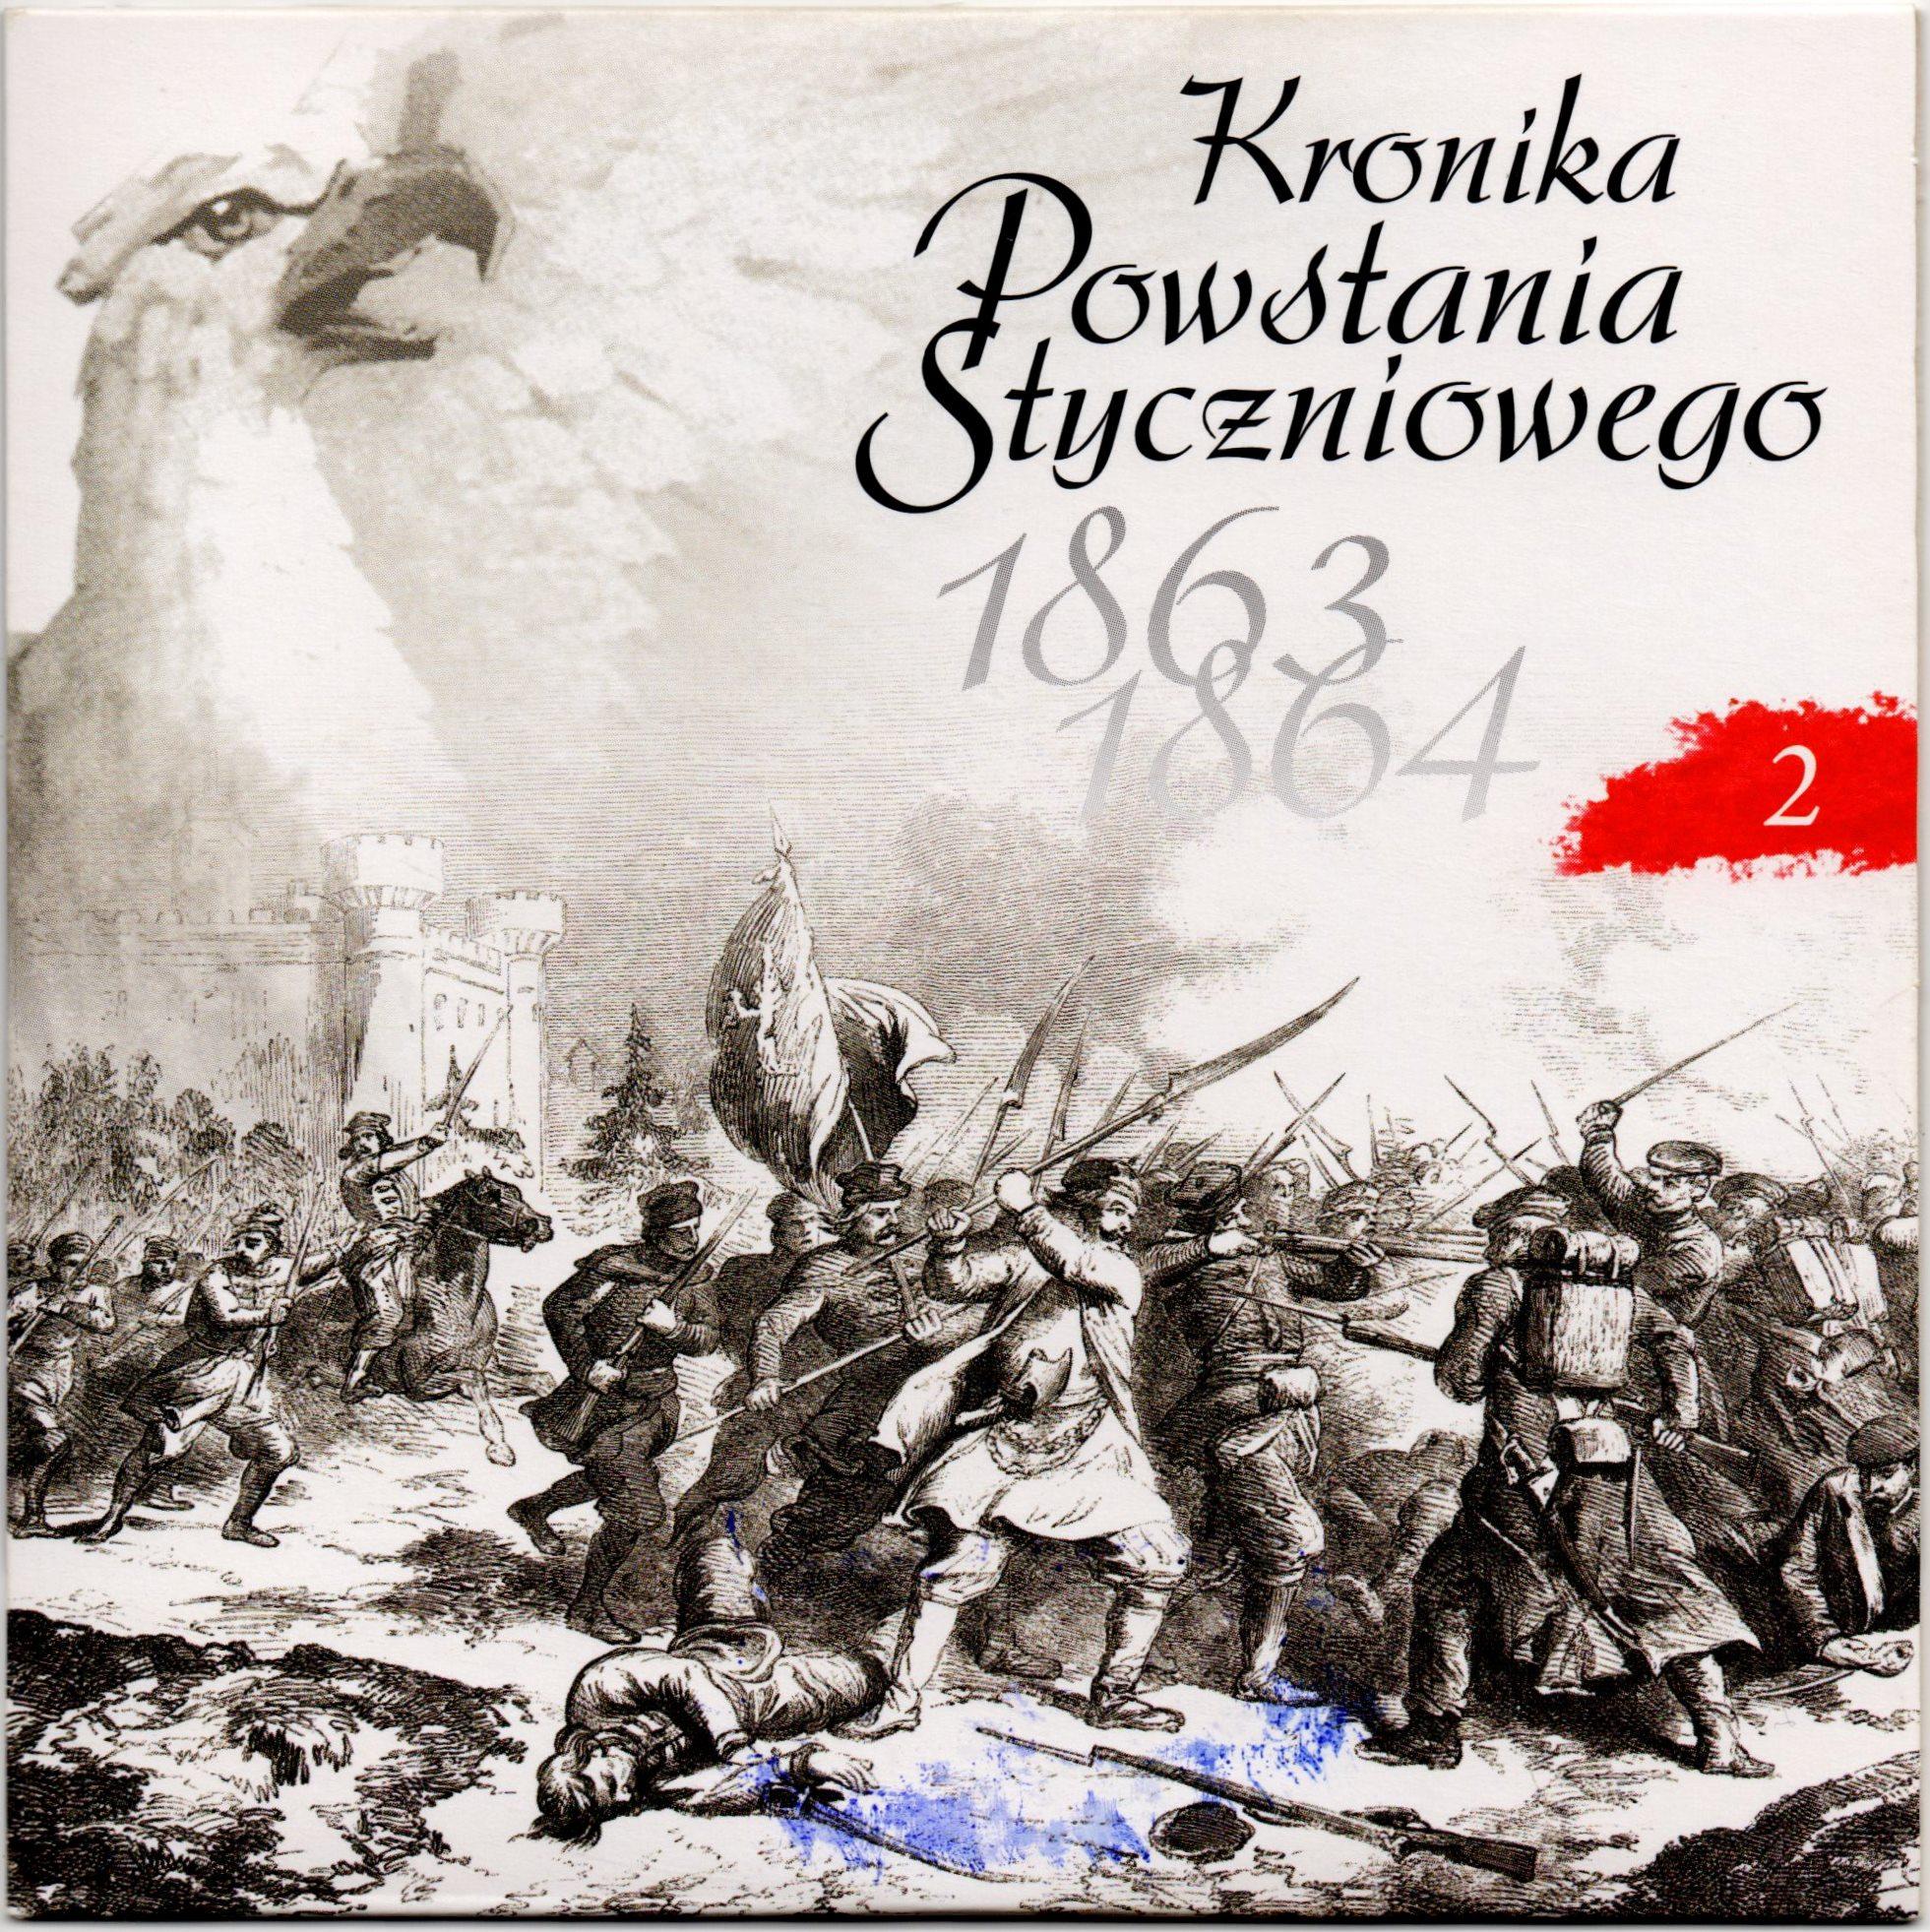 """Комплект компакт-дисків з буклетом """"Kronika Powstania Styczniowego 1863-1864 / Літопис Січневого повстання 1863-1864 рр."""". Диск 2"""